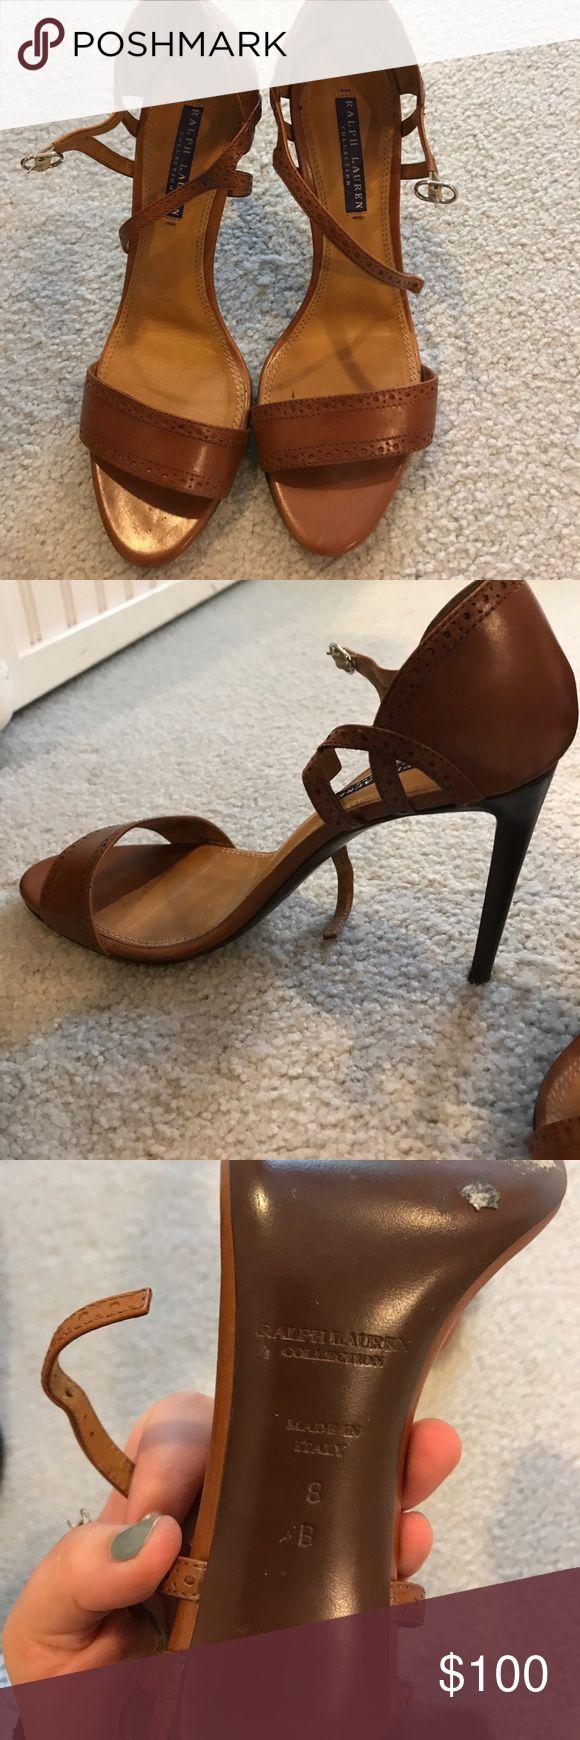 Ralph Lauren collection heels Ralph Lauren collection heels in great condition Ralph Lauren Shoes Heels